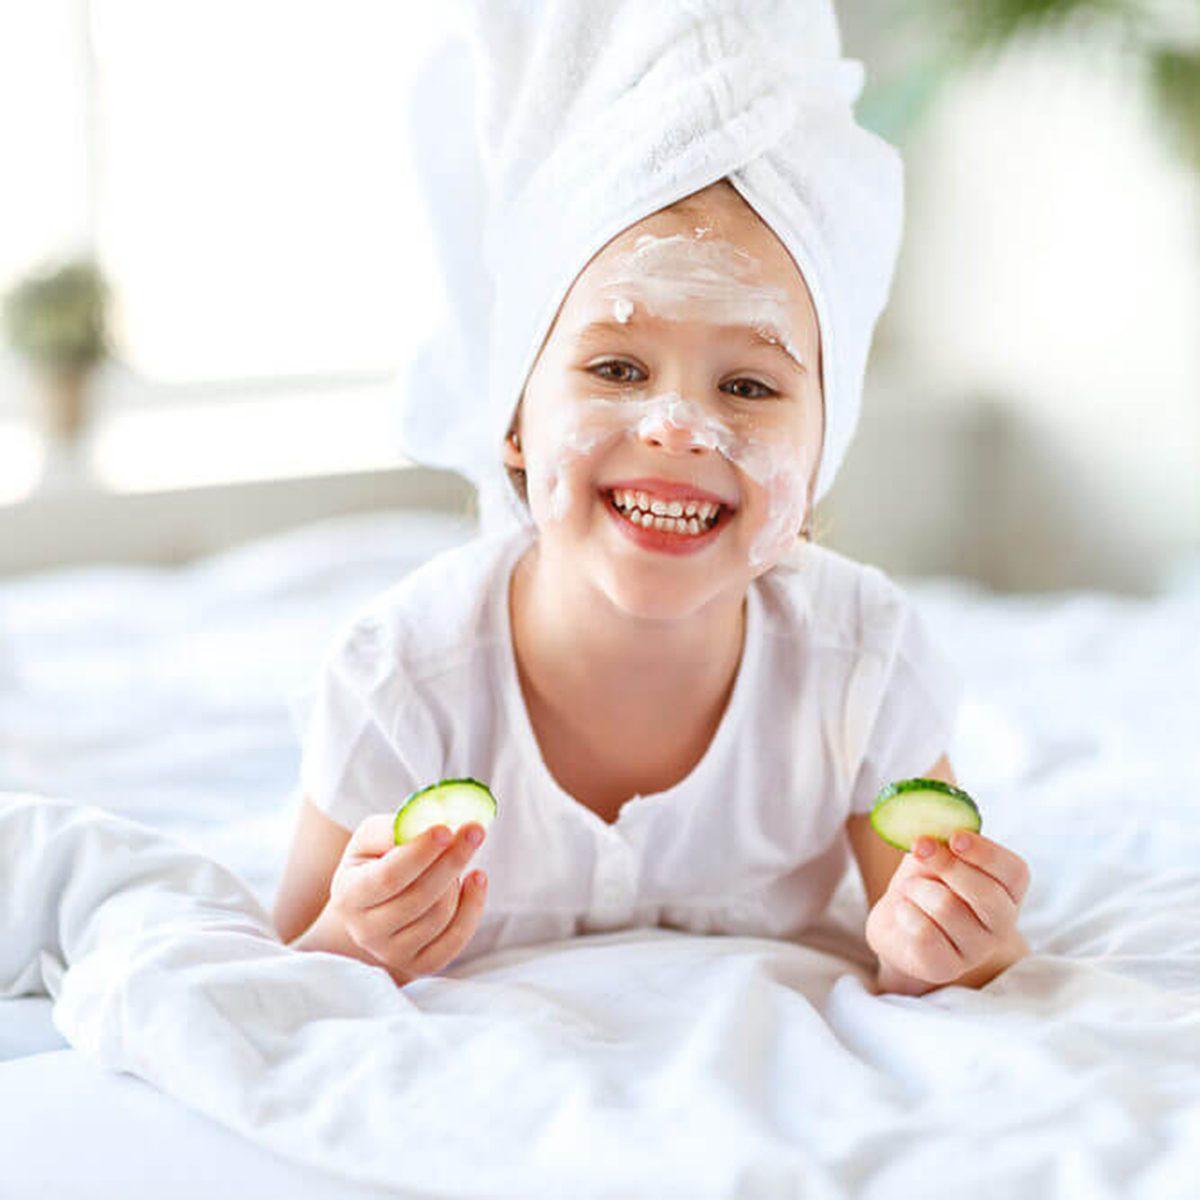 Child having a facial